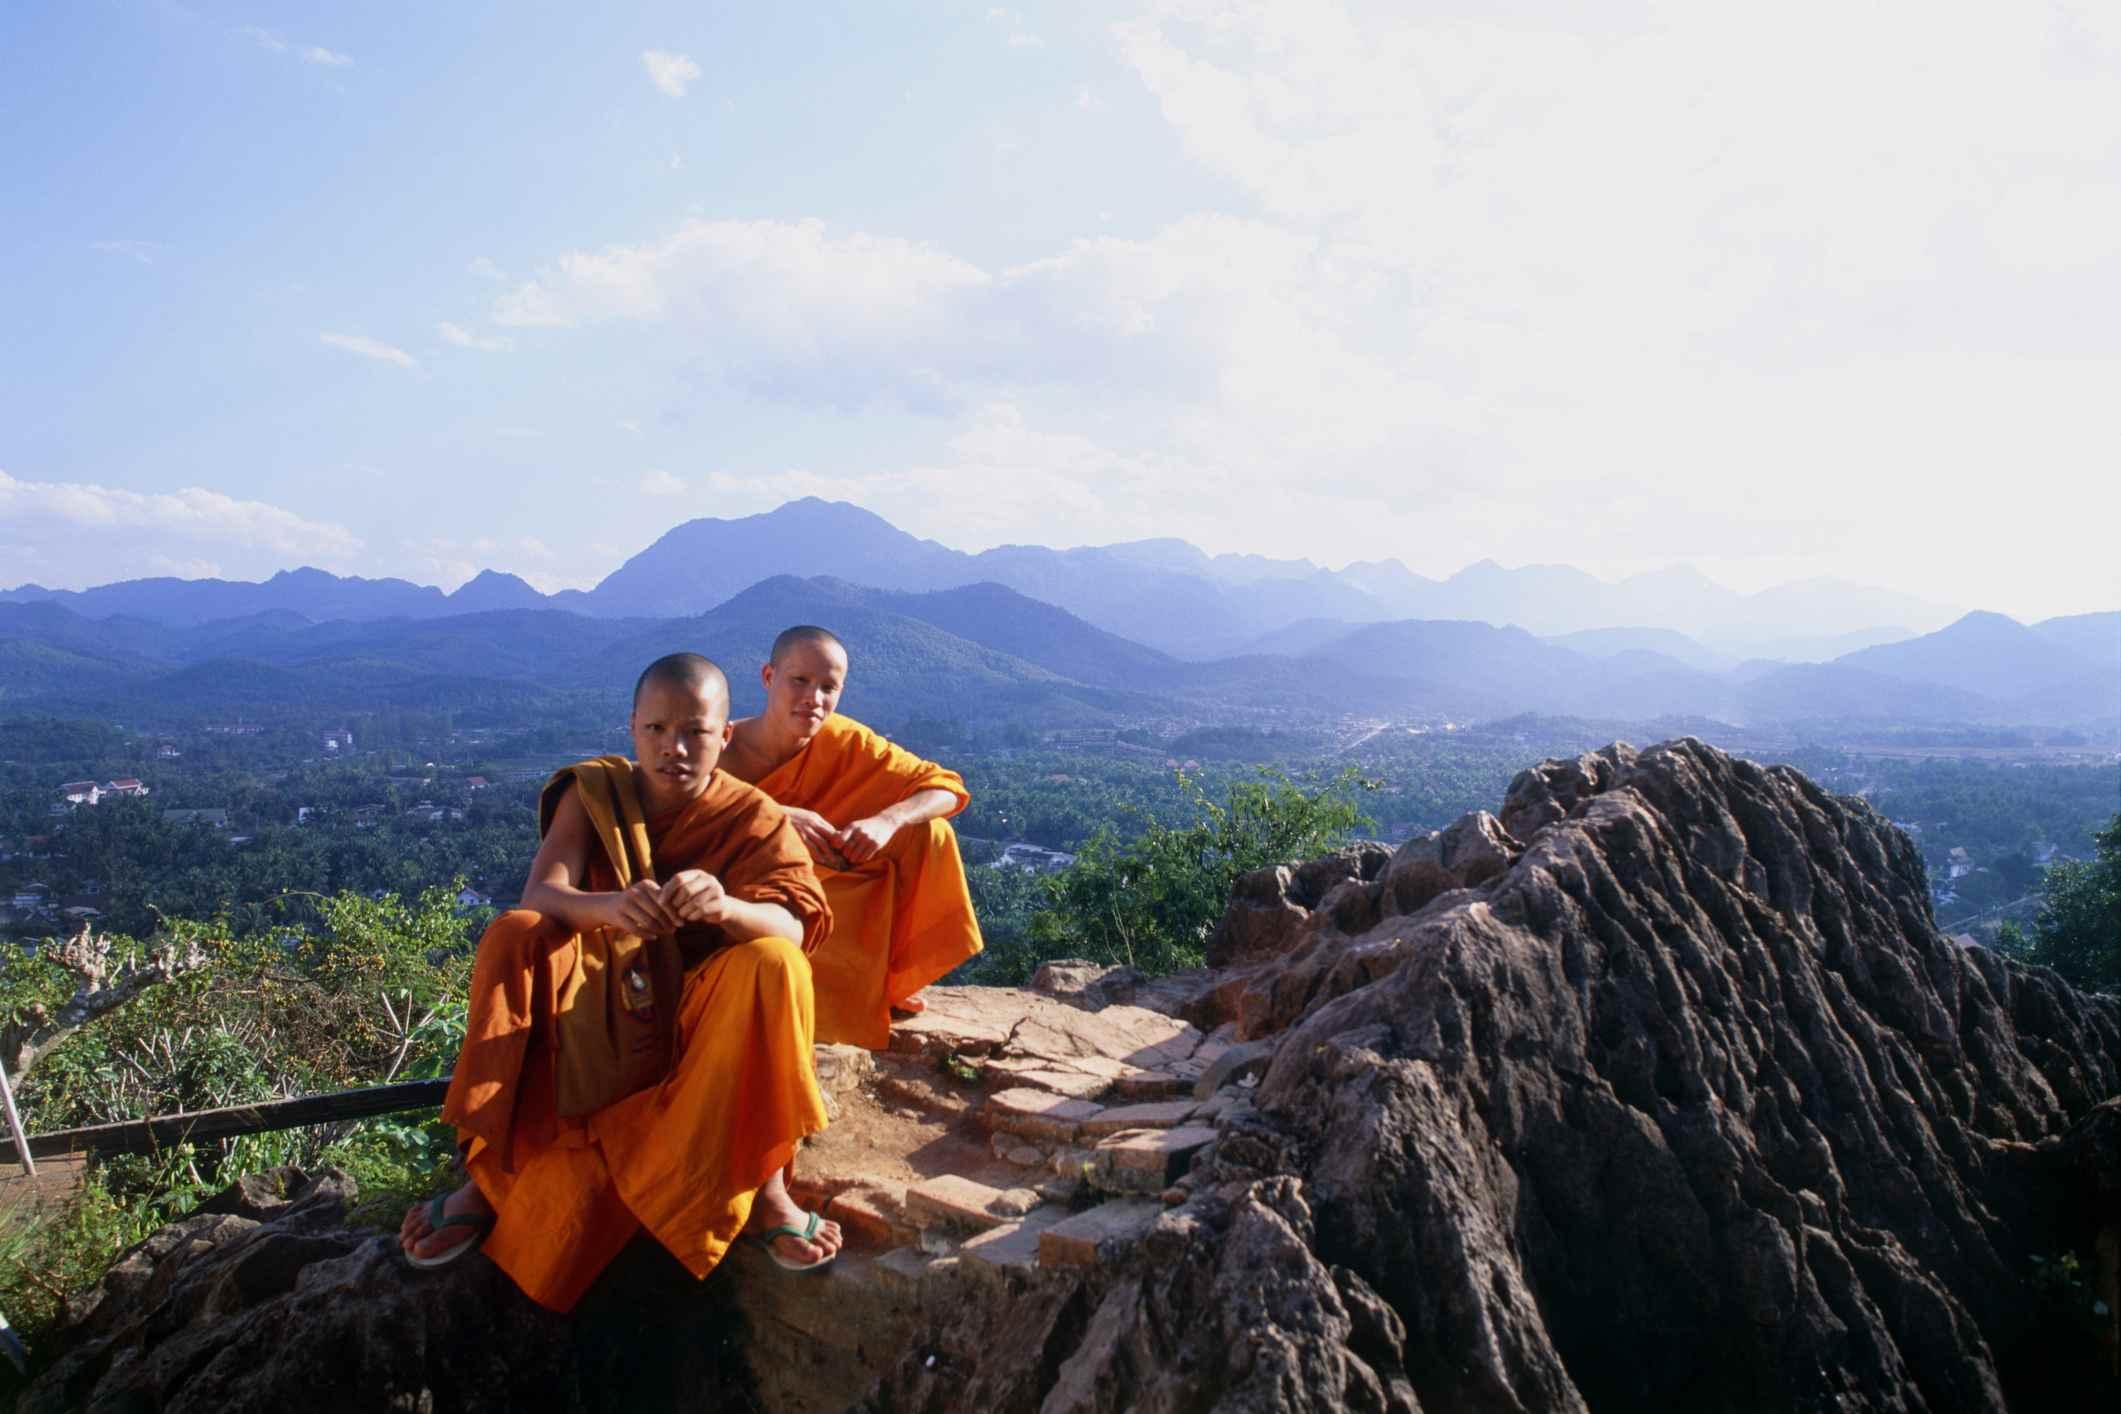 Monks on top of That Phousi, Luang Prabang